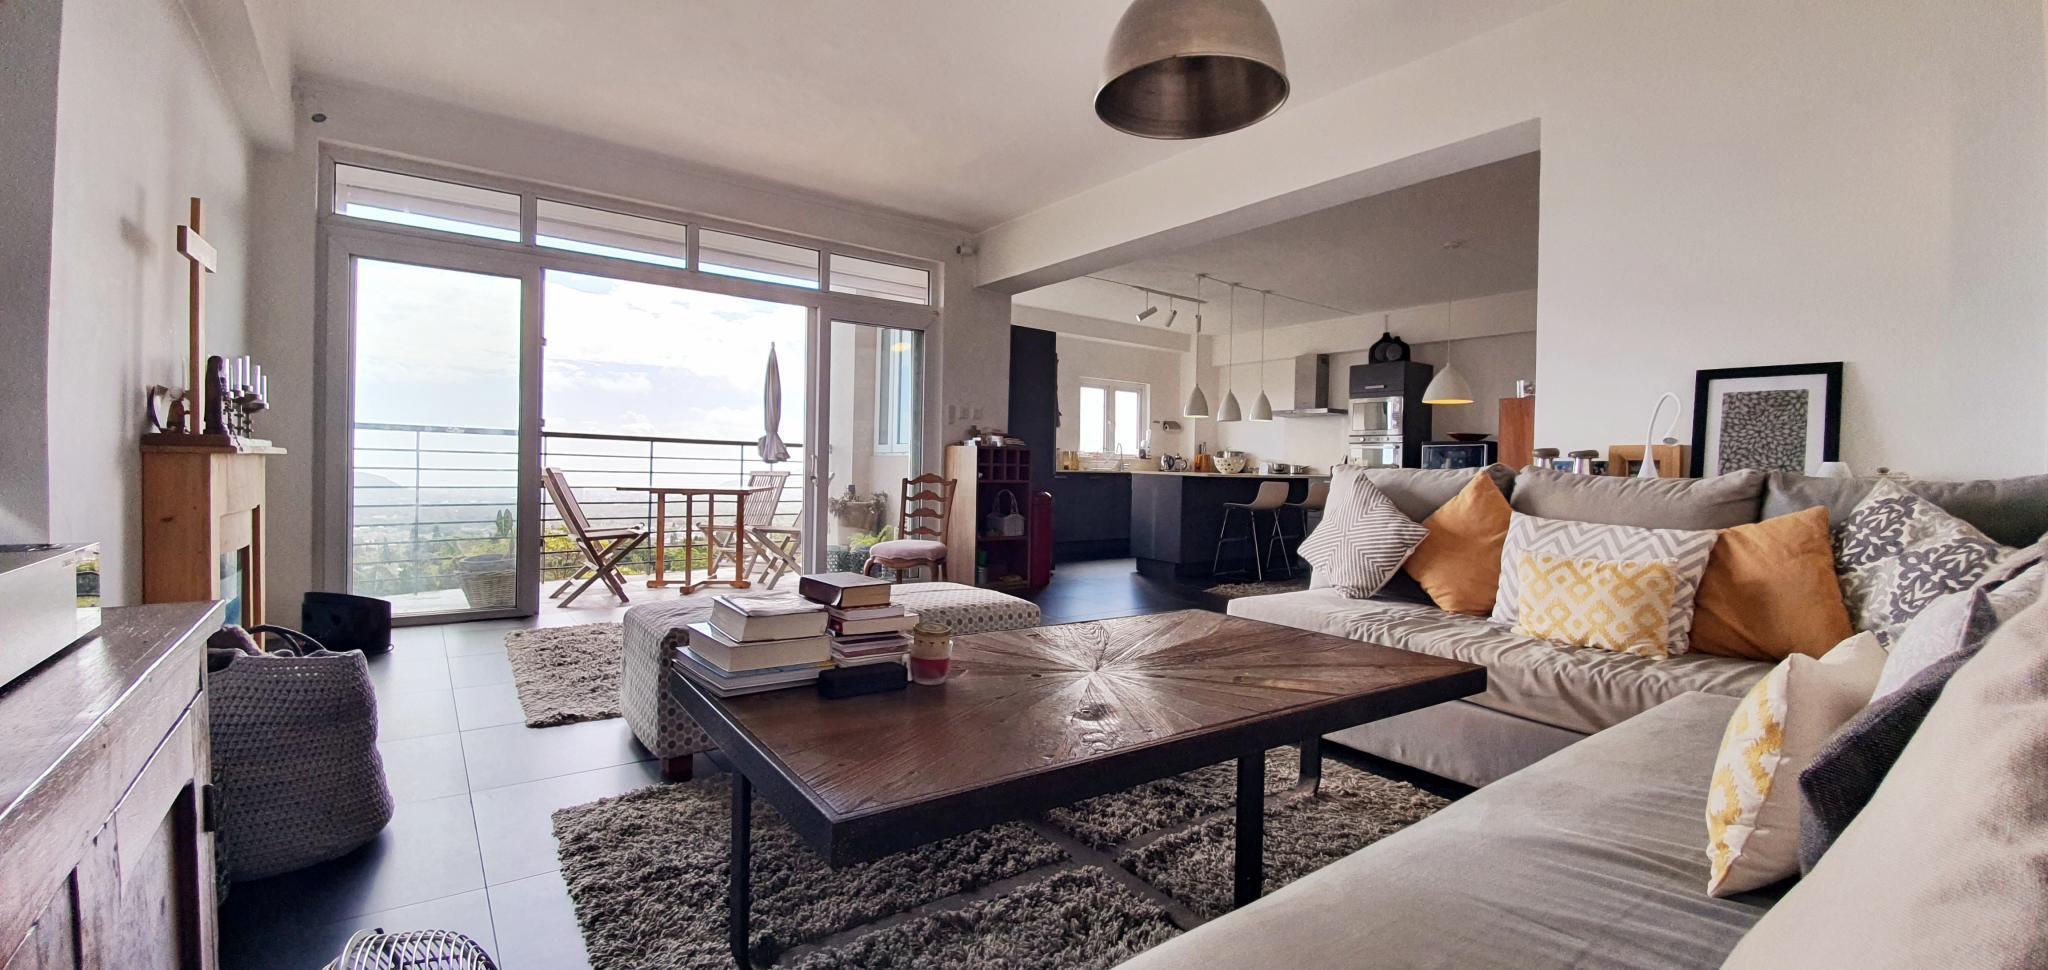 A LOUER – Charmantappartement meubléet équipé de150 m2bénéficiant d'une belle vuemer et belle vue montagne, situé au 4ème étage d'une résidencesécurisée à Florèal.